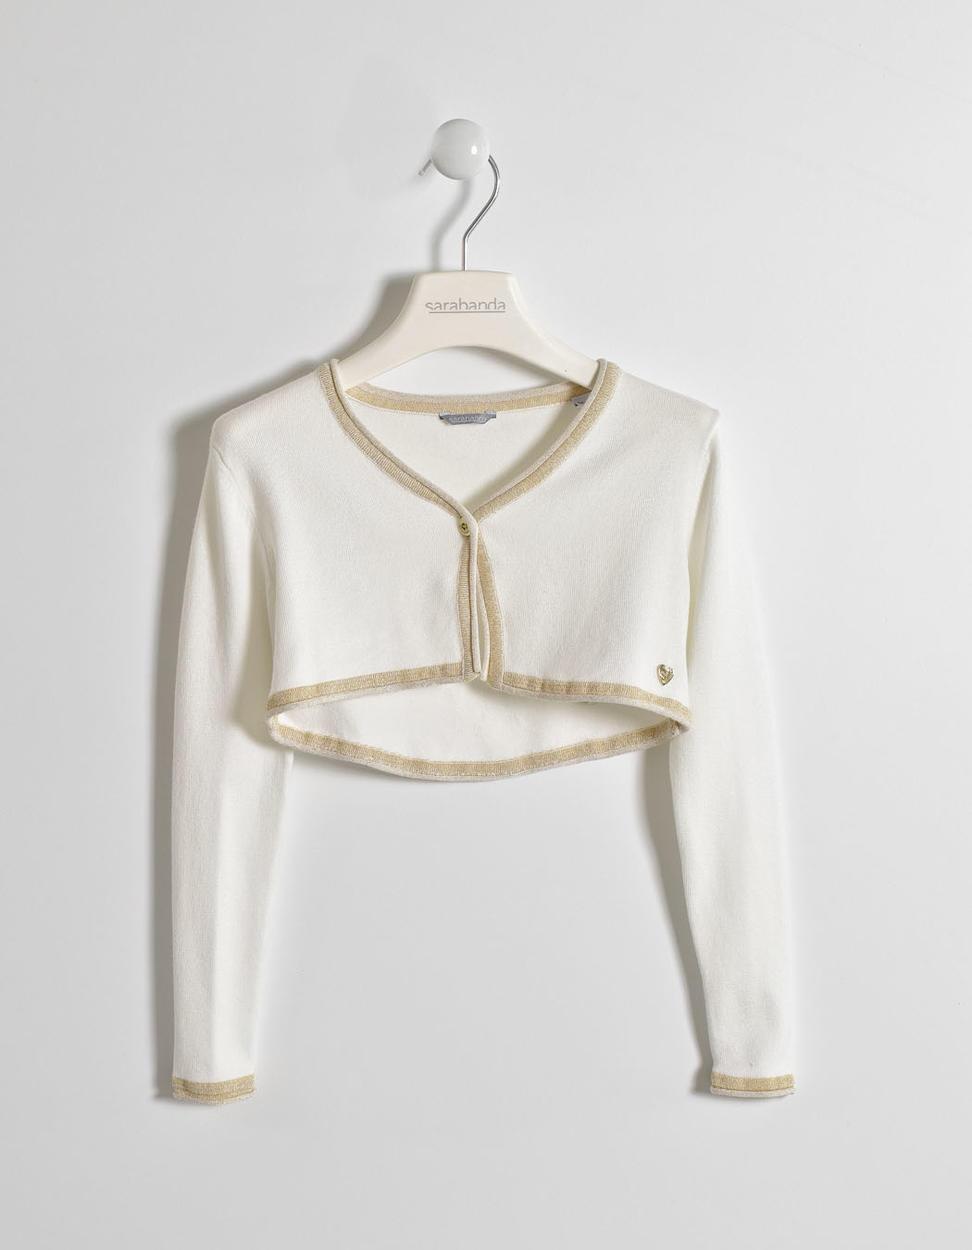 factory authentic 741e4 80576 Elegante e comodo coprispalla in tricot di viscosa per bambina da 6 a 16  anni Sarabanda